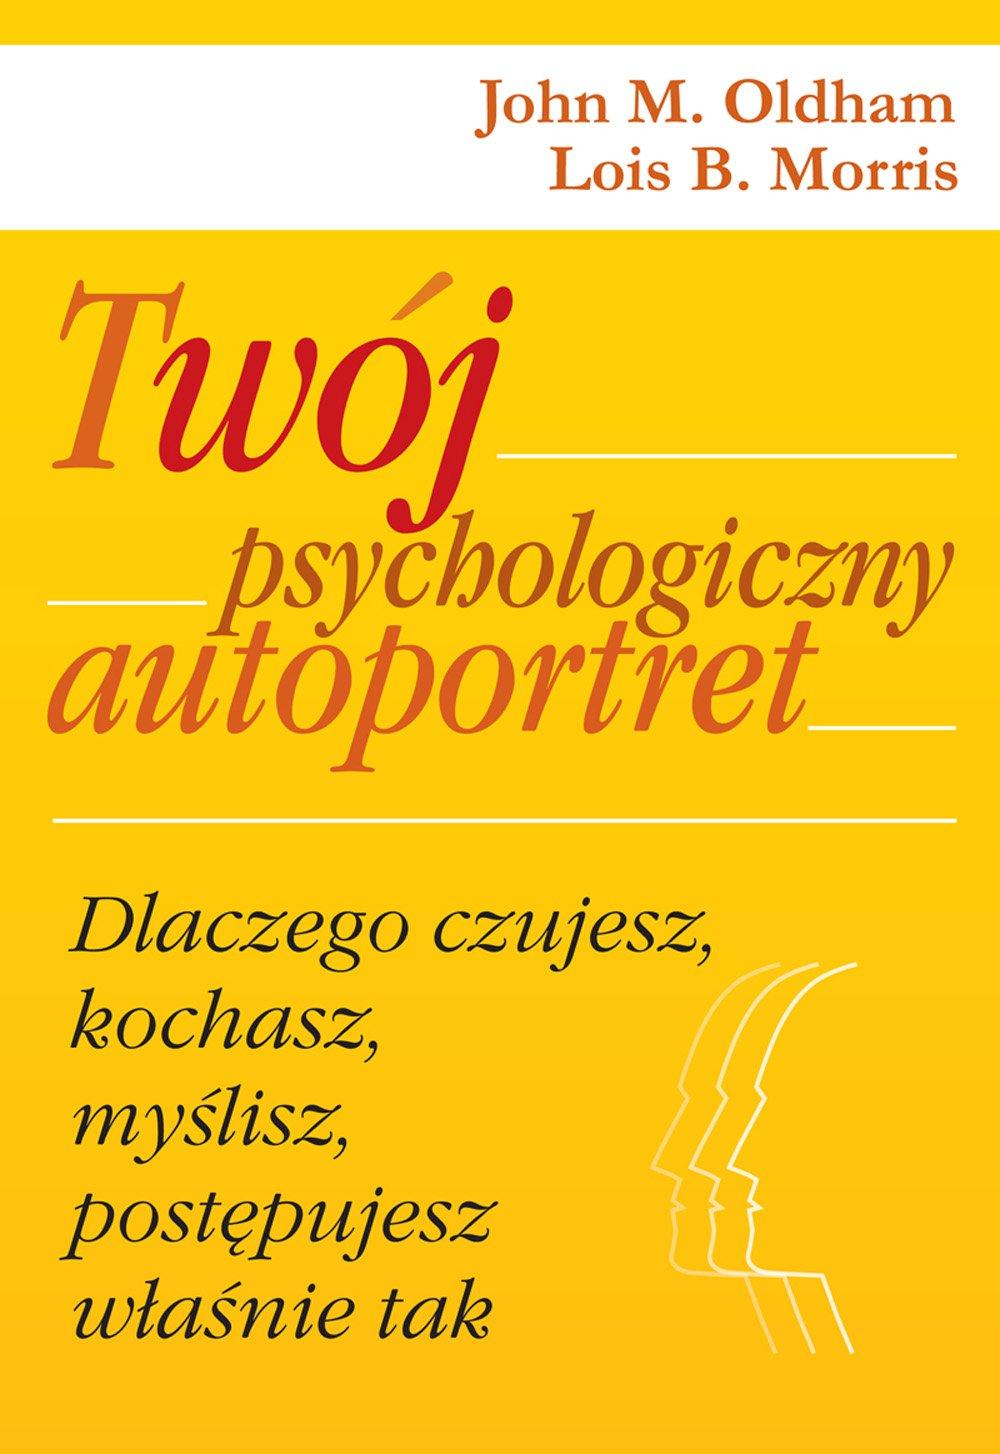 Twój psychologiczny autoportret - Ebook (Książka EPUB) do pobrania w formacie EPUB